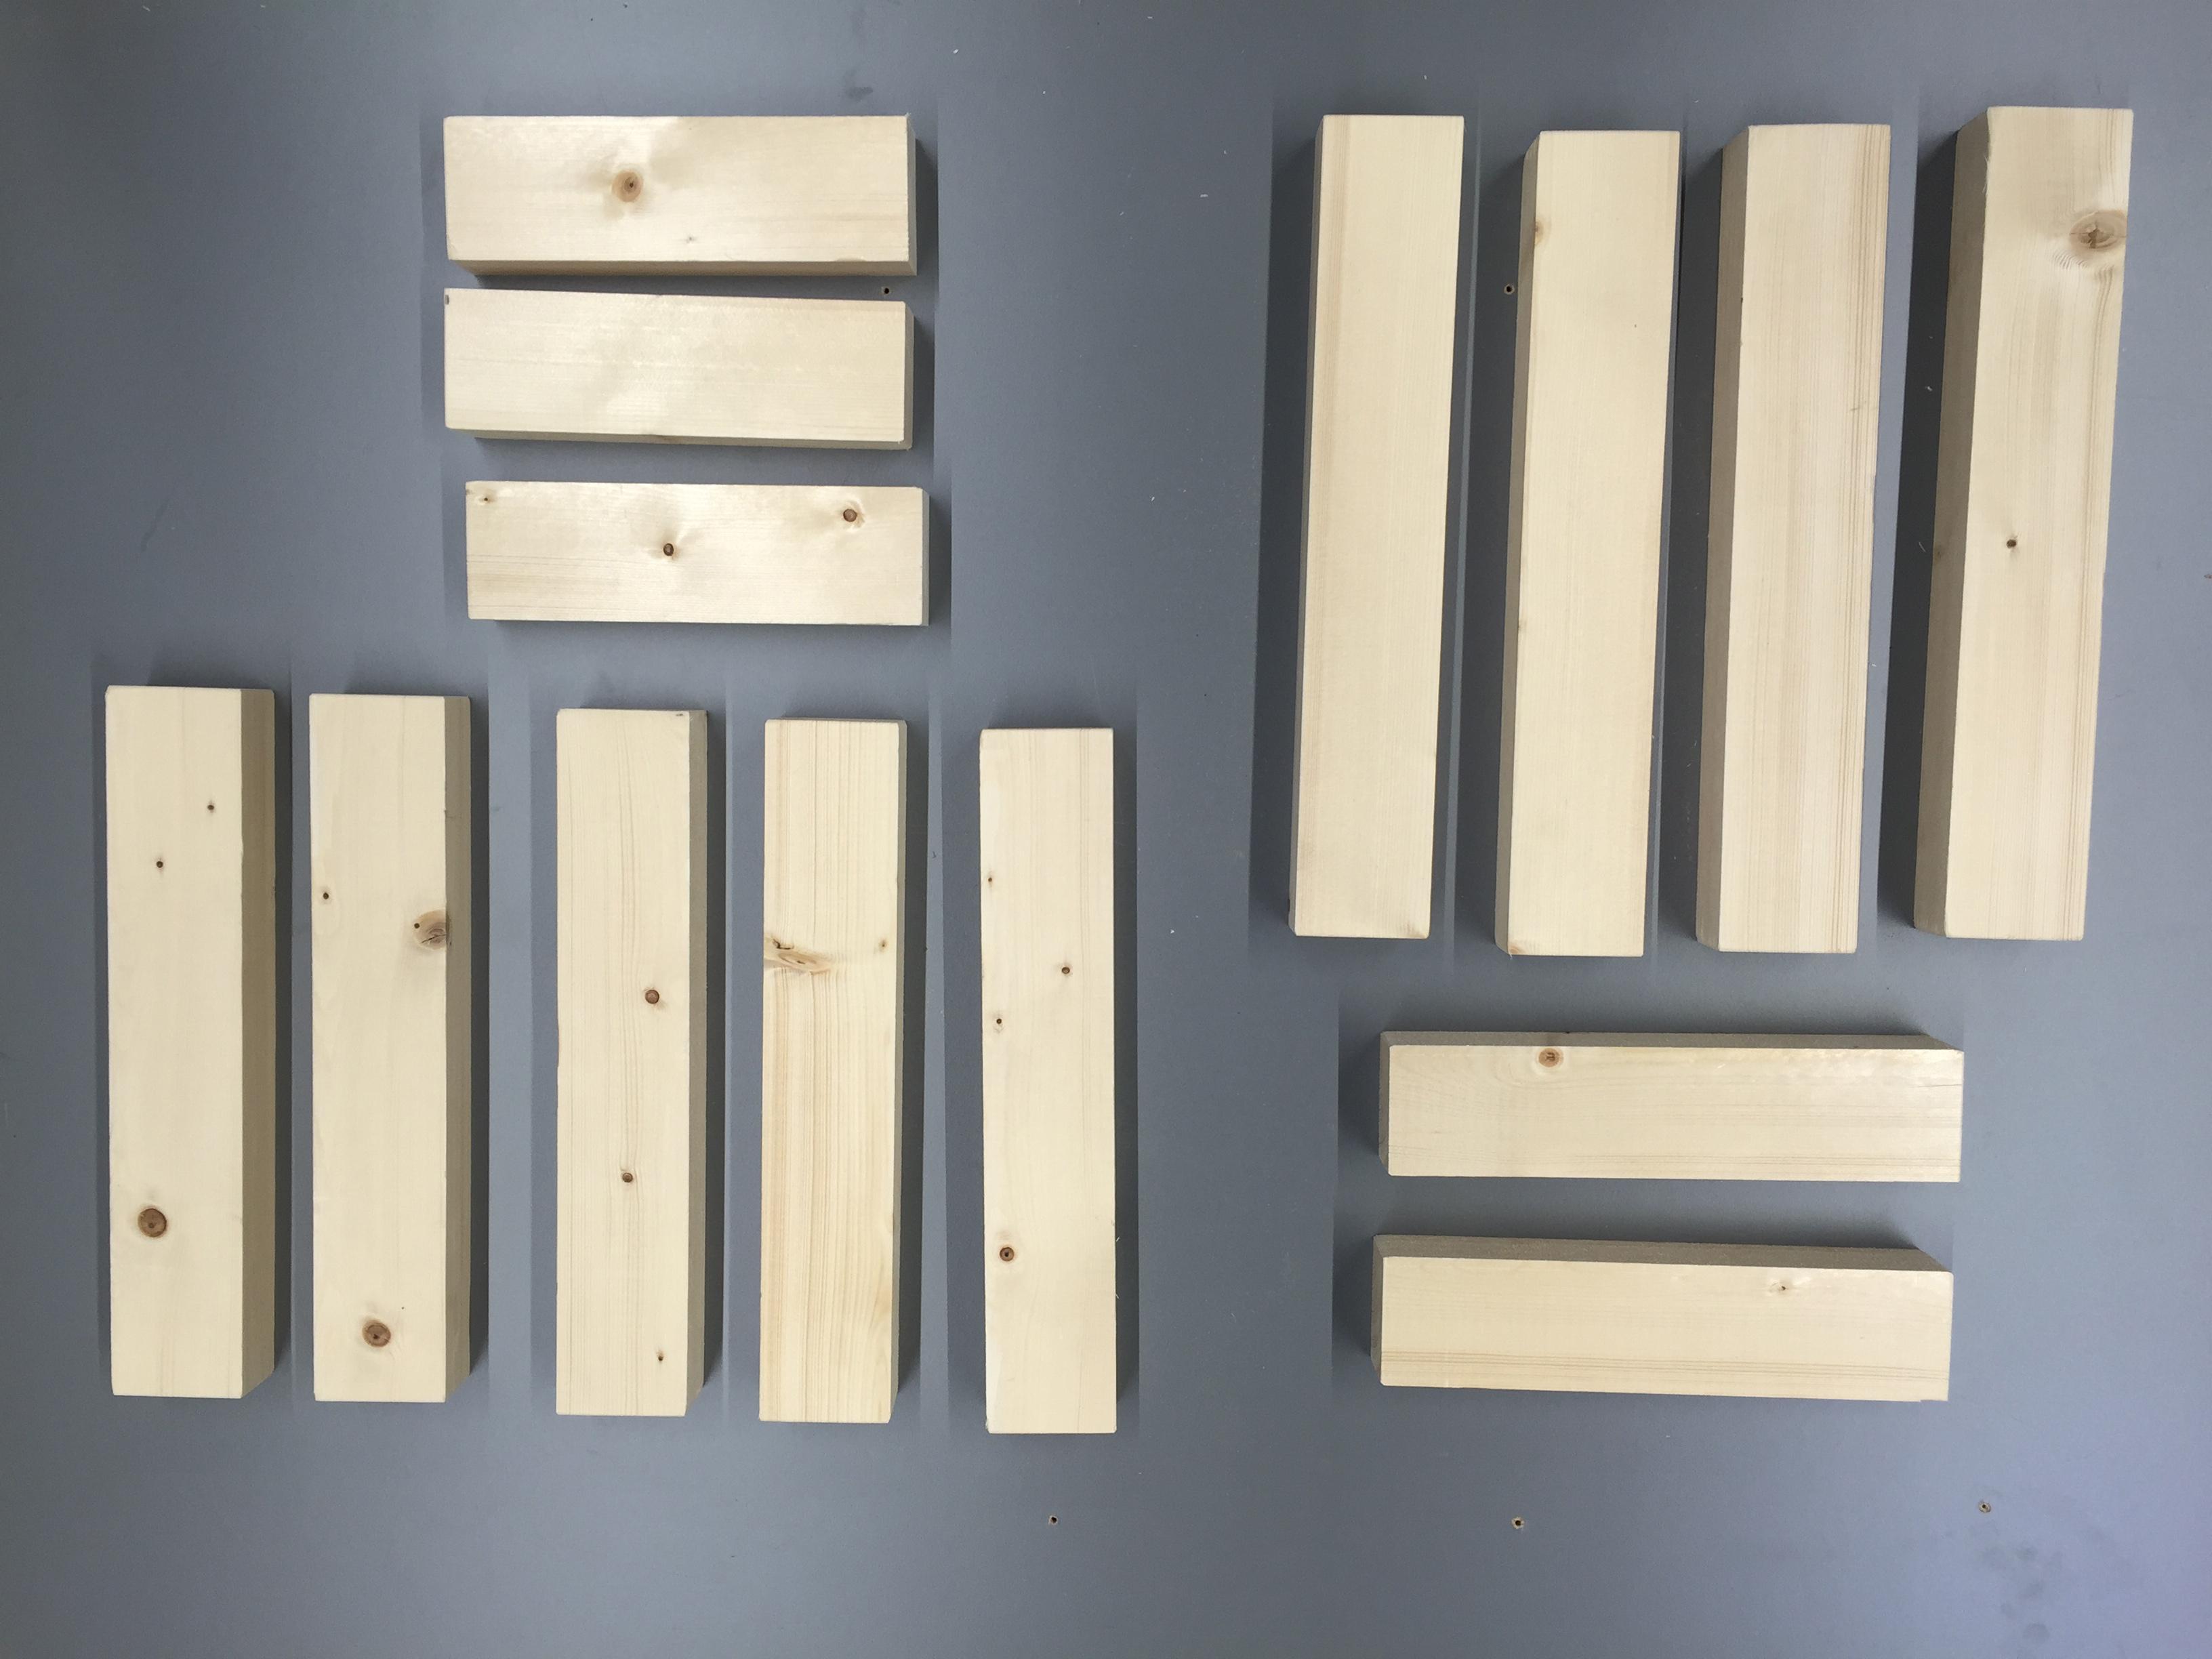 Tabouret en bois massif bois.jpg